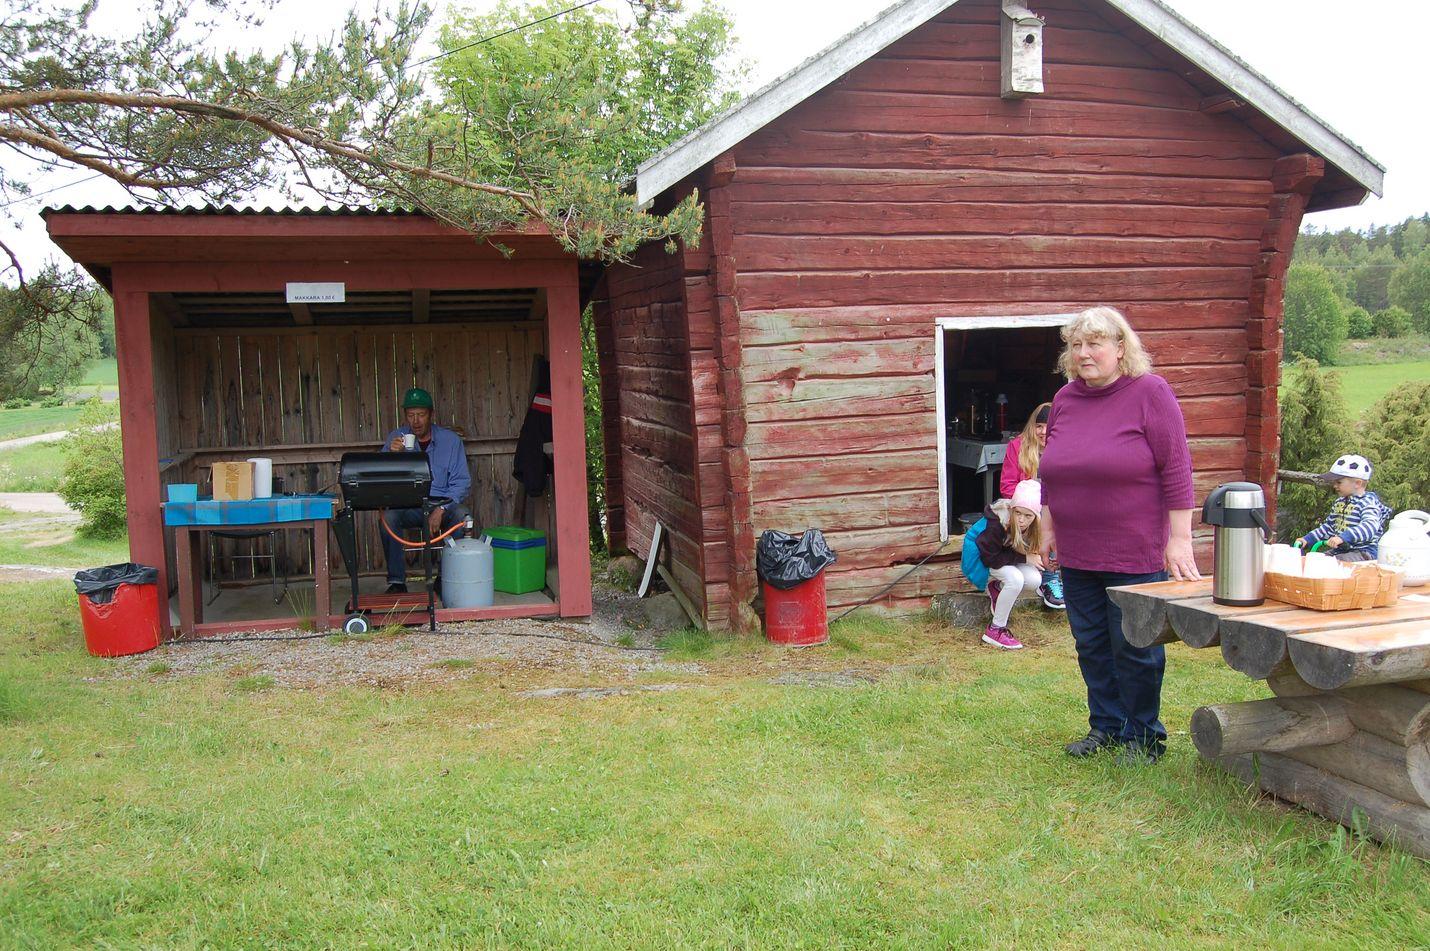 Juhannusjuhlilla oli tarjolla myös makkaraa ja kahvia. Tärkeintä monille tapahtumassa on muiden kyläläisten tapaaminen. Kuva: Elina Lammela